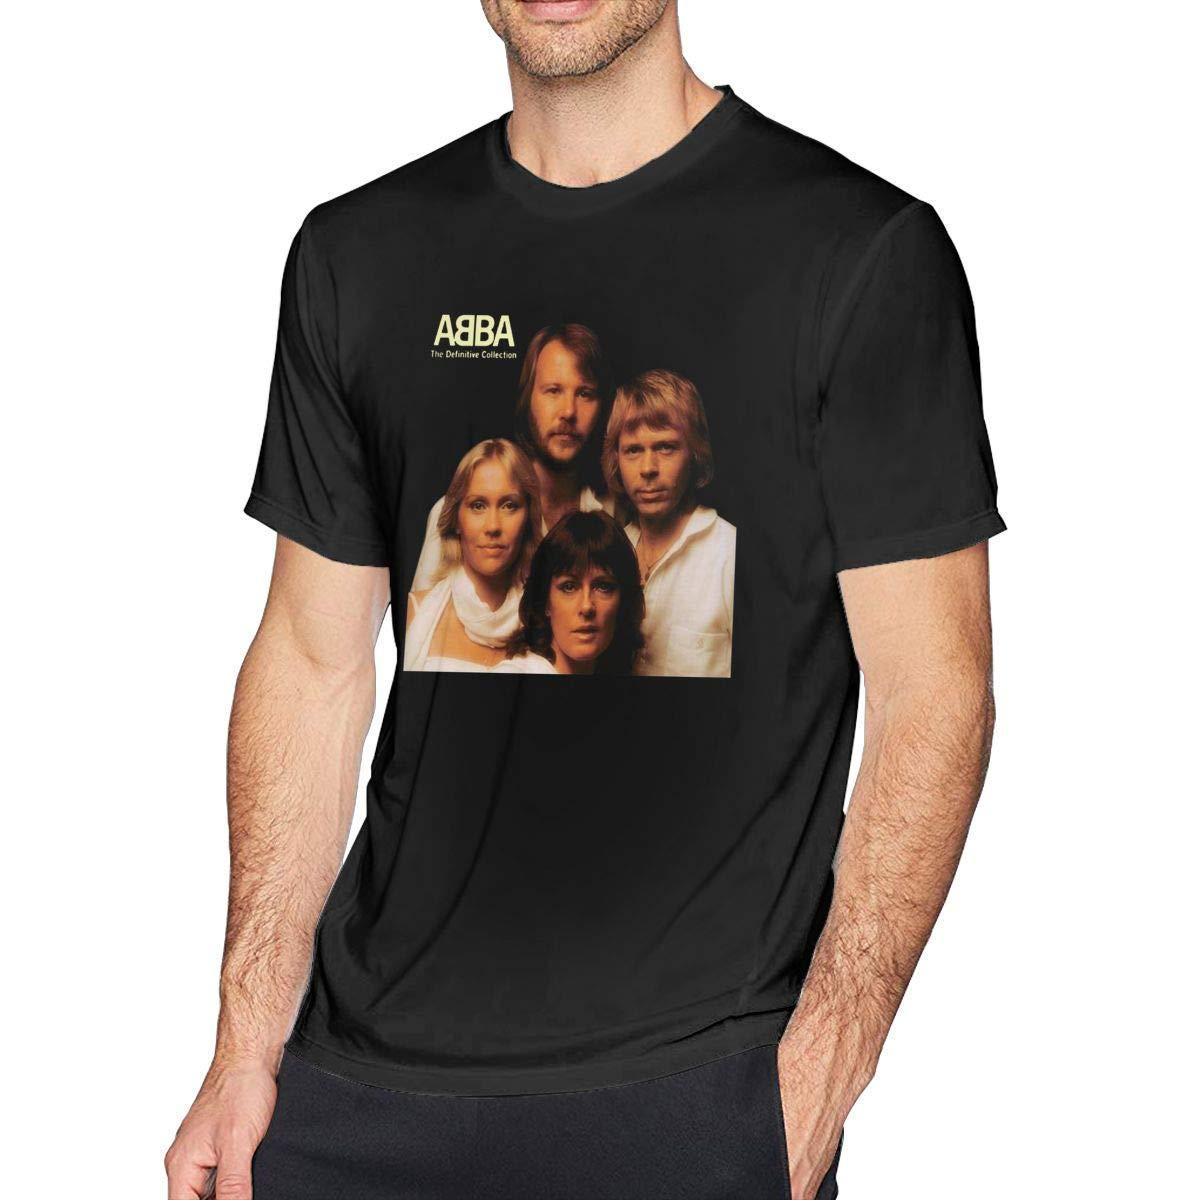 ZARA SIMS Abba - Camiseta de Manga Corta para Hombre - Negro - 5X ...